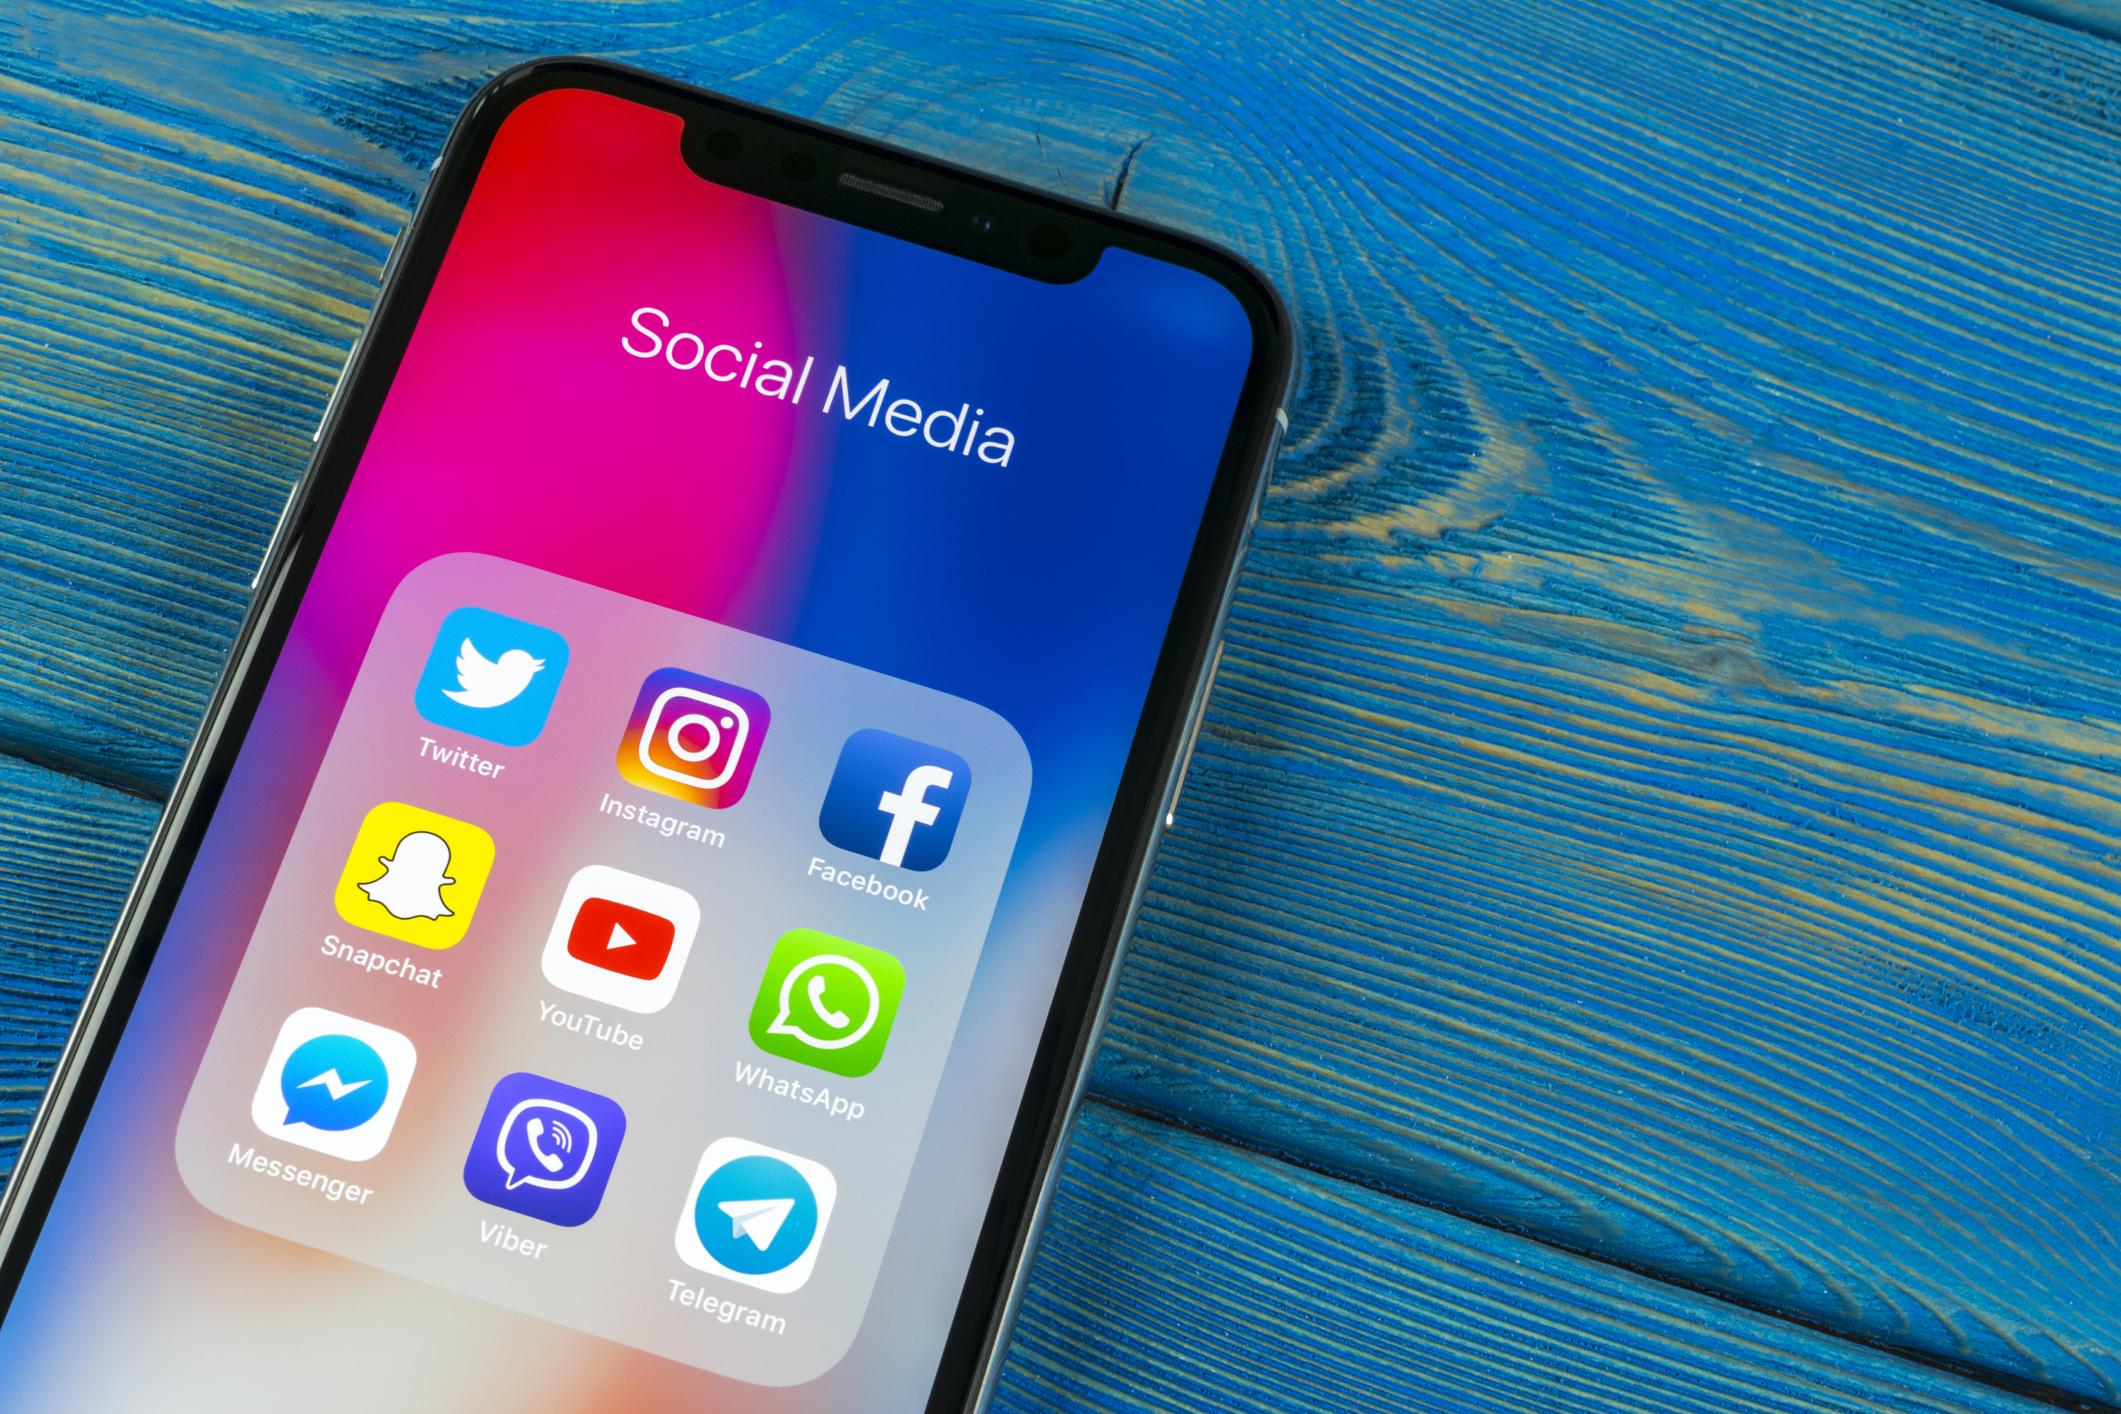 Werbung mit Corona-Bezug: Regierung und Länder gaben Millionen bei Facebook aus